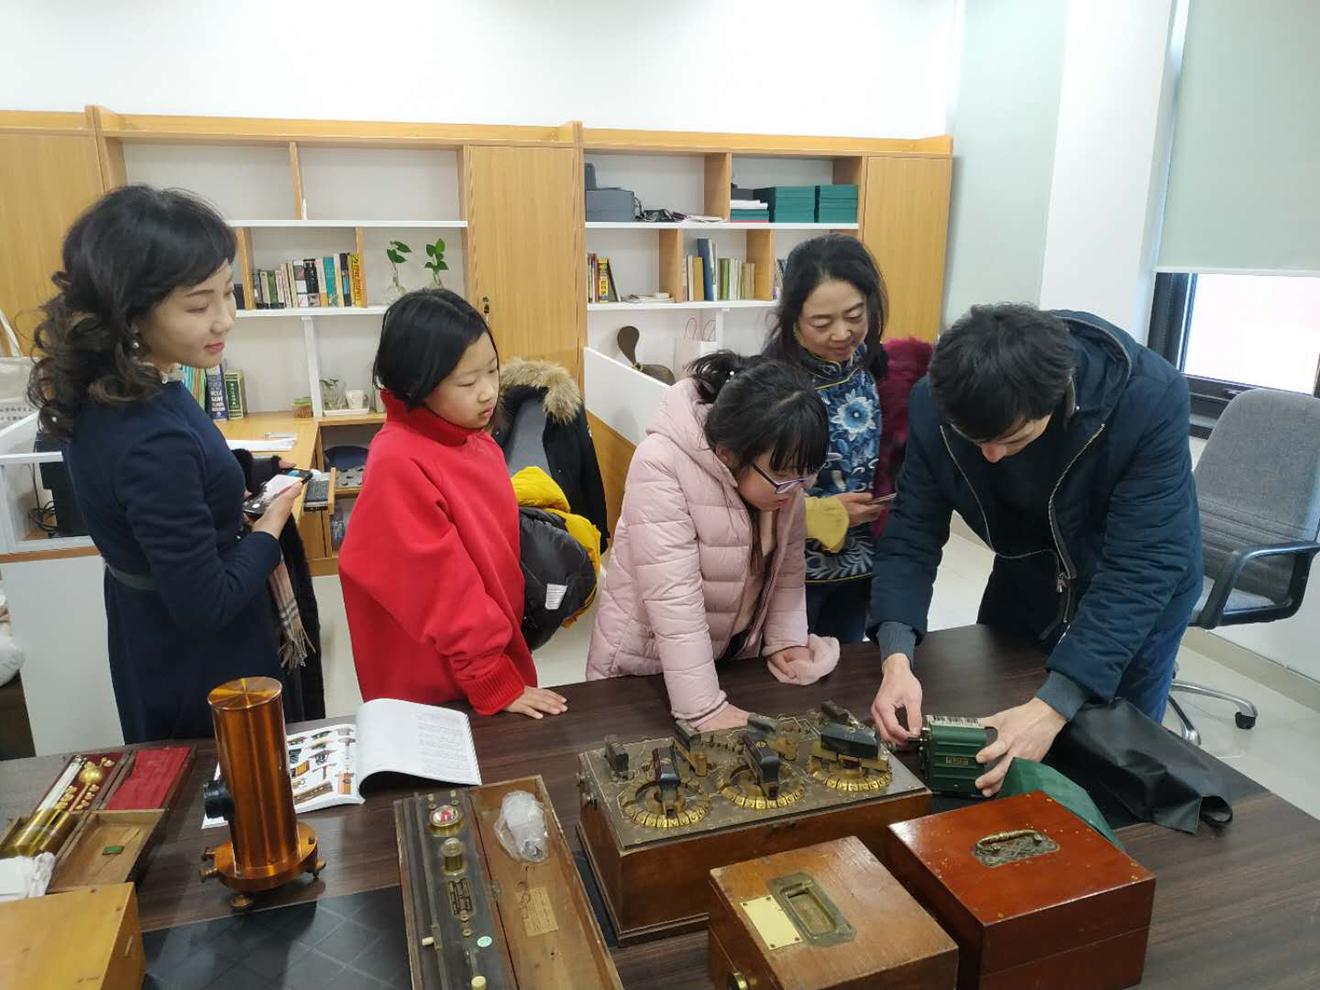 王汝冰和李沐烜两位小朋友资助我馆竞拍科技文物